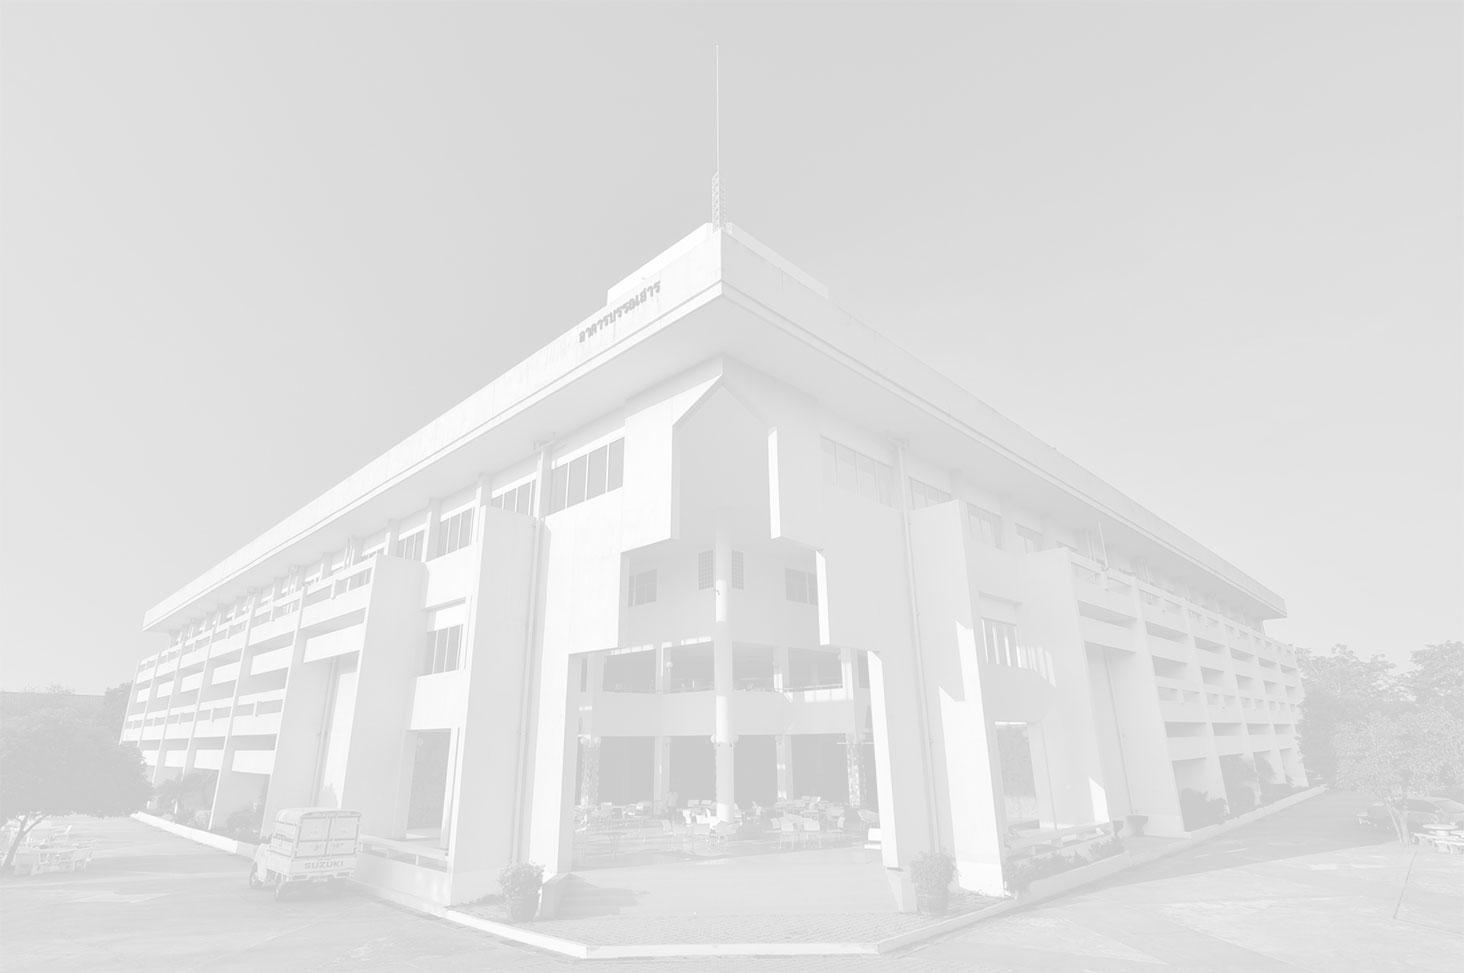 กิจกรรม CLTHE Module 2 : Enhancing Professional Practice in Higher Education